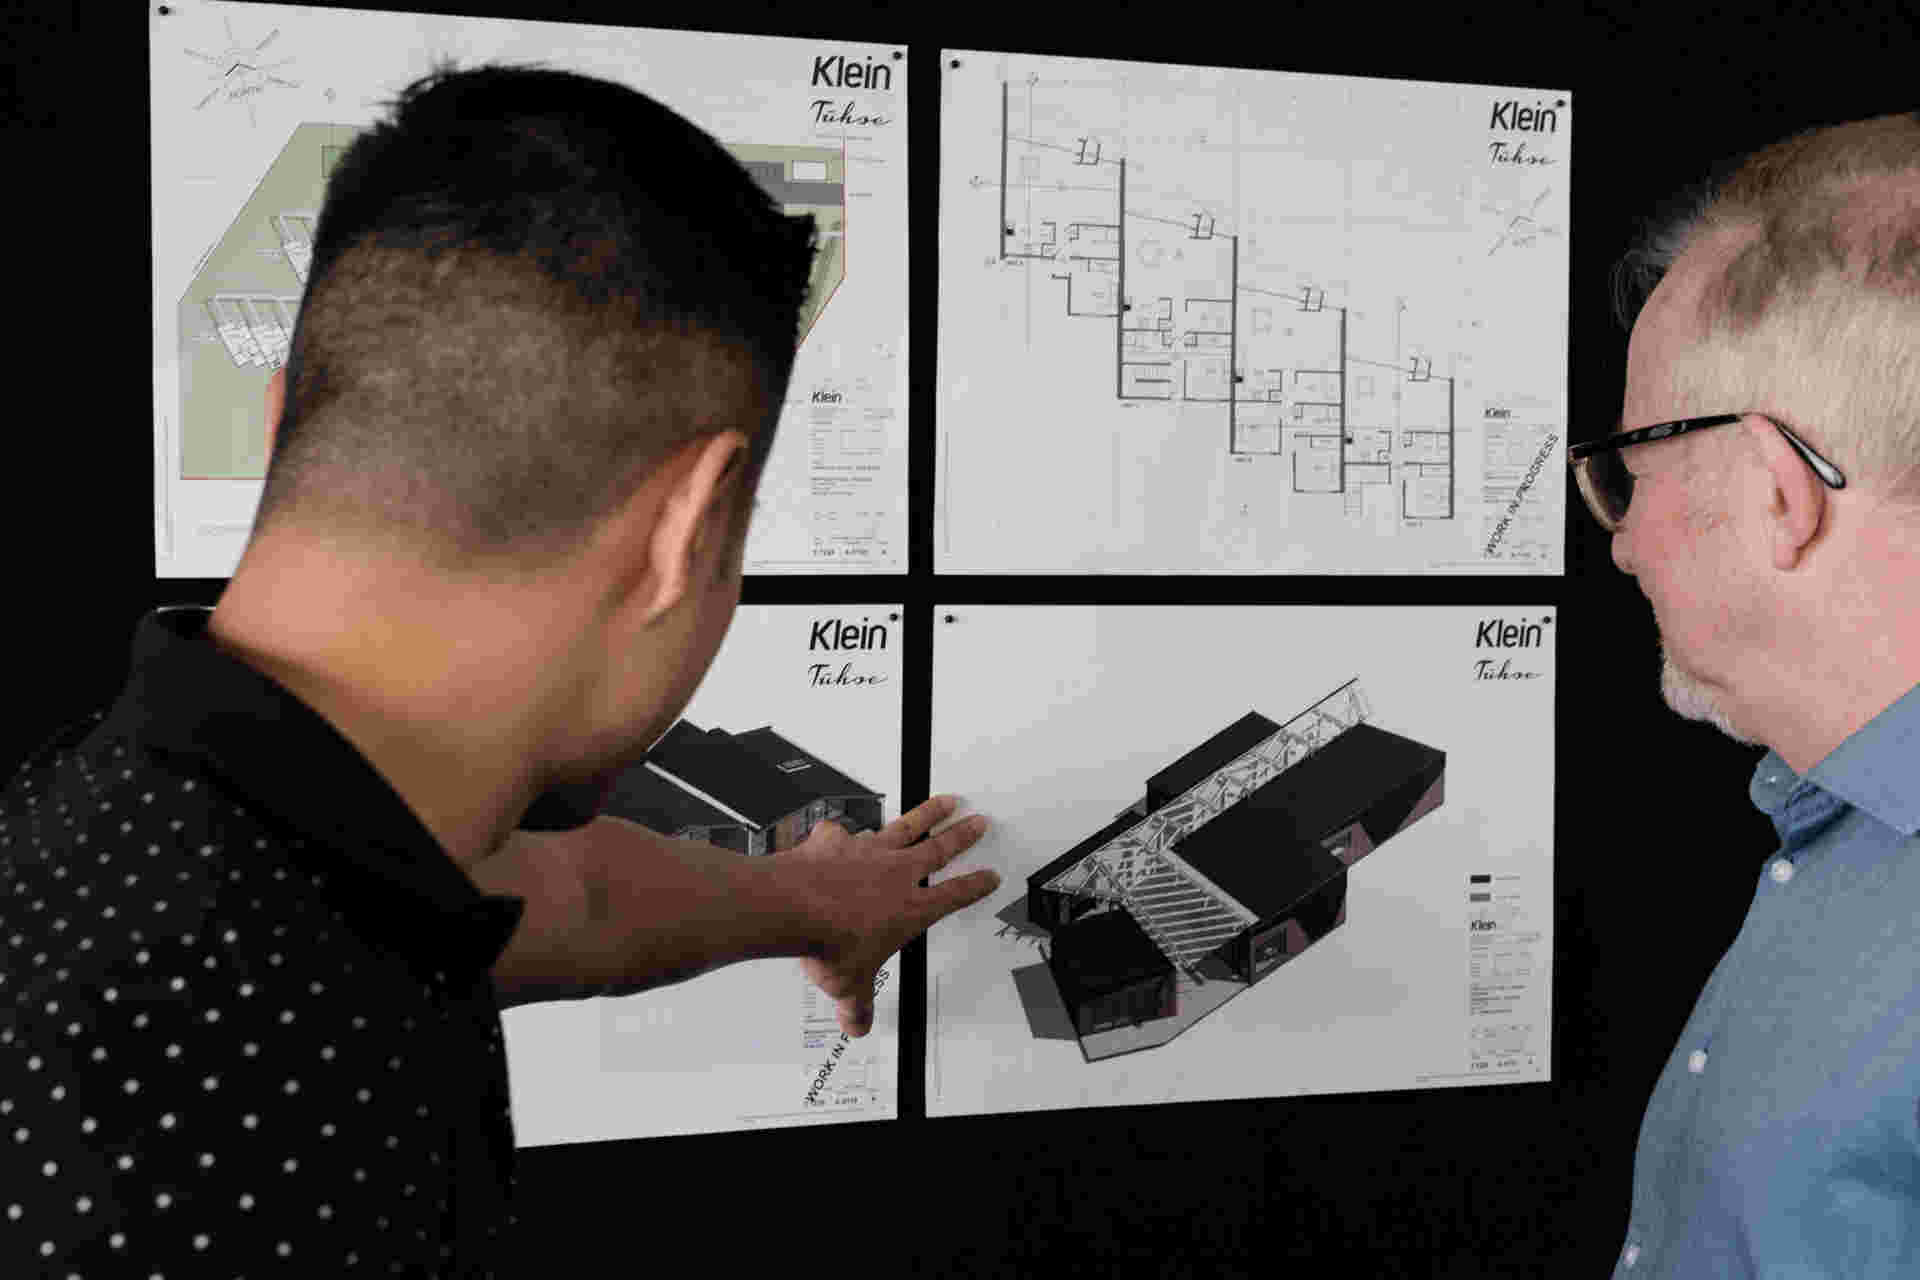 Klein_Office_Design